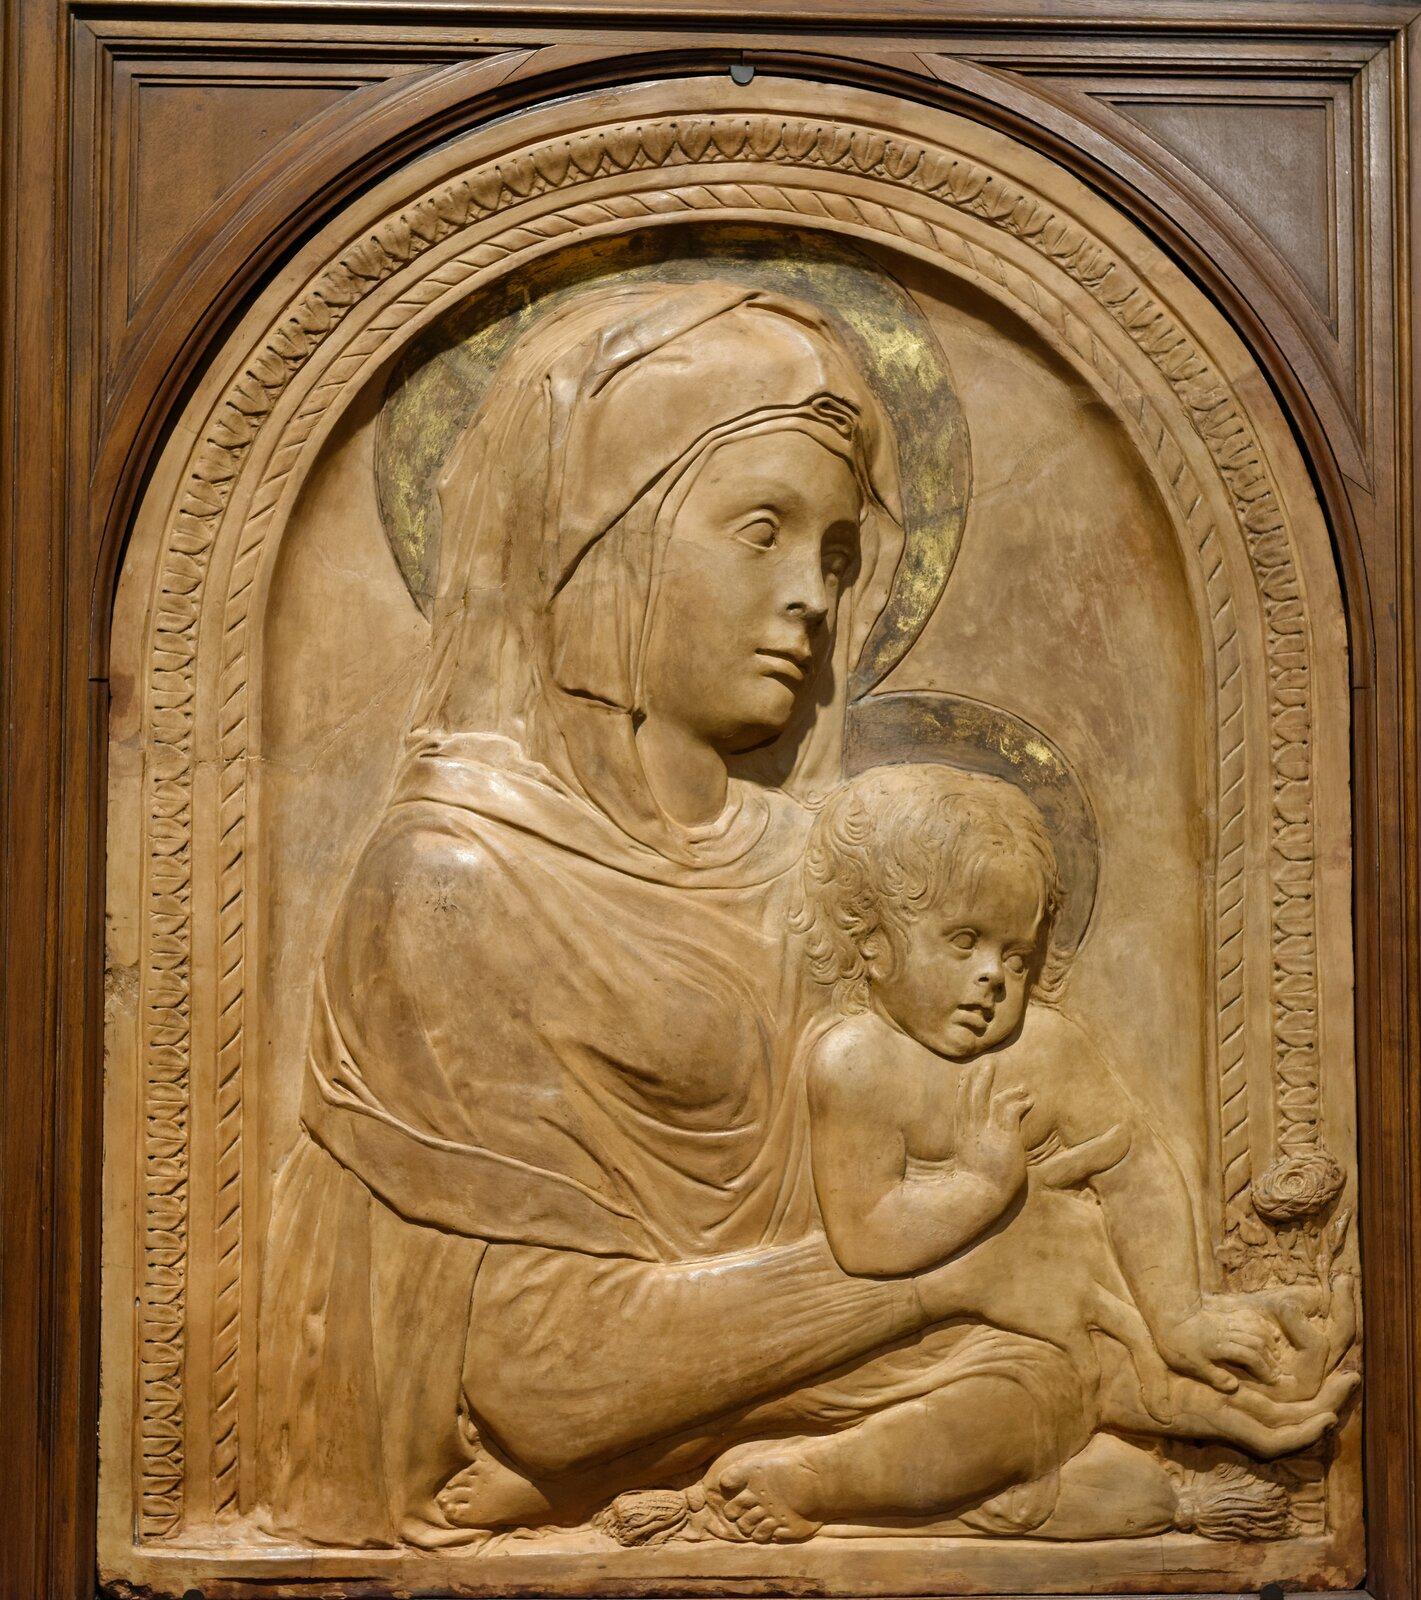 """Ilustracja przedstawia płaskorzeźbę wdrewnie autorstwa Donatella """"Madonna zDzieciątkiem"""". Rzeźba ta przedstawia Marię trzymającą siedzącego na poduszce Jezusa. Głowy postaci otoczone są nimbem. Kobieta ubrana jest wszaty oraz kaptur zakrywający głowę. Wokół nich znajduje się rzeźbione, półkoliste obramienie."""